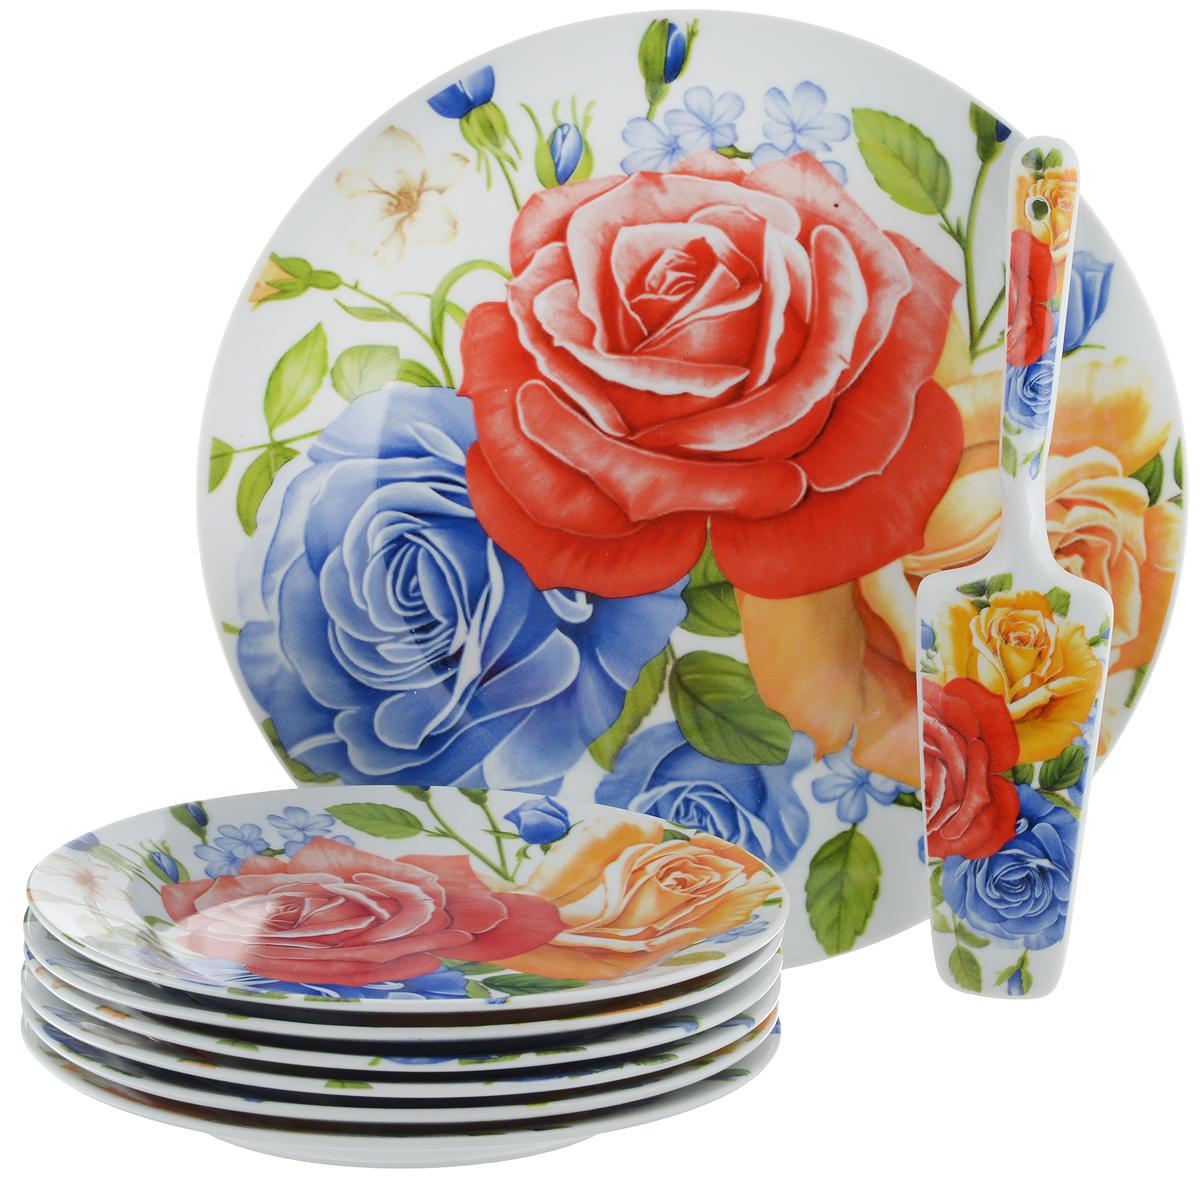 Набор для торта Bella, 8 предметов. DL-S8CB-175103823Набор для торта Bella состоит из 7 тарелок и лопатки. Изделия выполнены из высококачественного фарфора и оформлены ярким рисунком. Набор идеален для подачи тортов, пирогов и другой выпечки.Яркий дизайн сделает набор изысканным украшением праздничного стола.Диаметр меленьких тарелок: 19,3 см.Диаметр большой тарелки: 26,5 см.Размеры лопатки: 23 х 5,3 х 2 см.